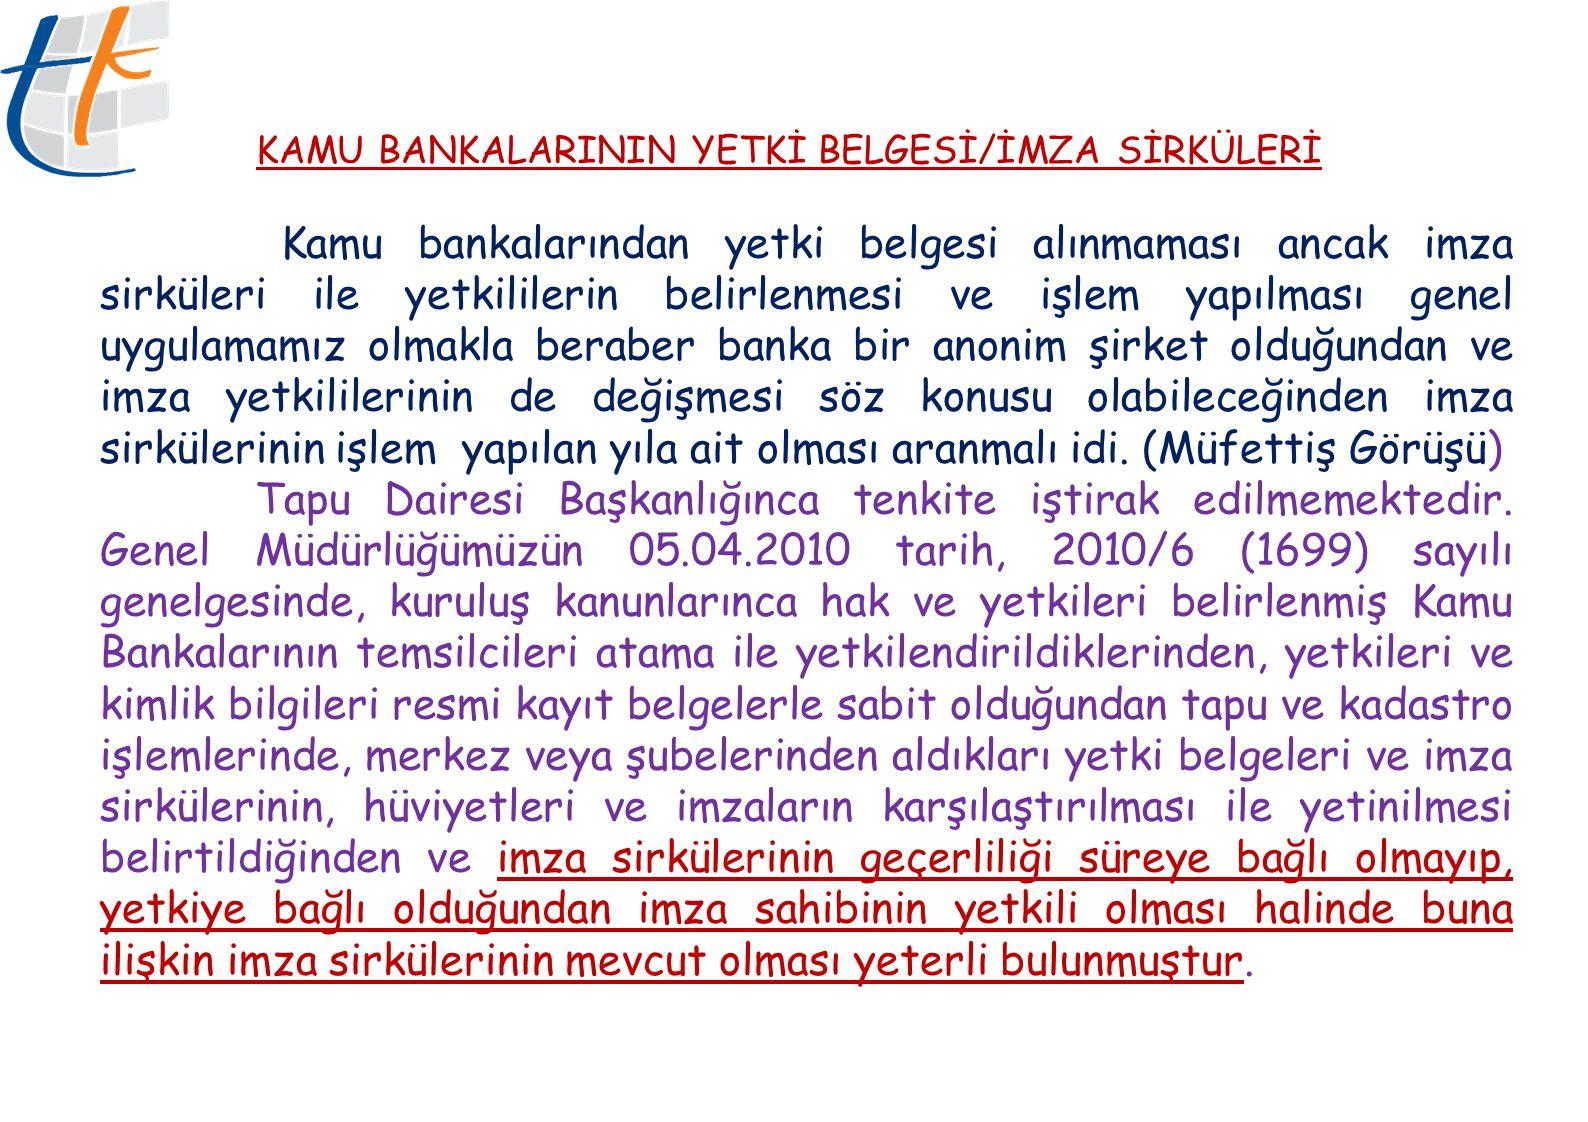 KAMU BANKALARININ YETKİ BELGESİ/İMZA SİRKÜLERİ